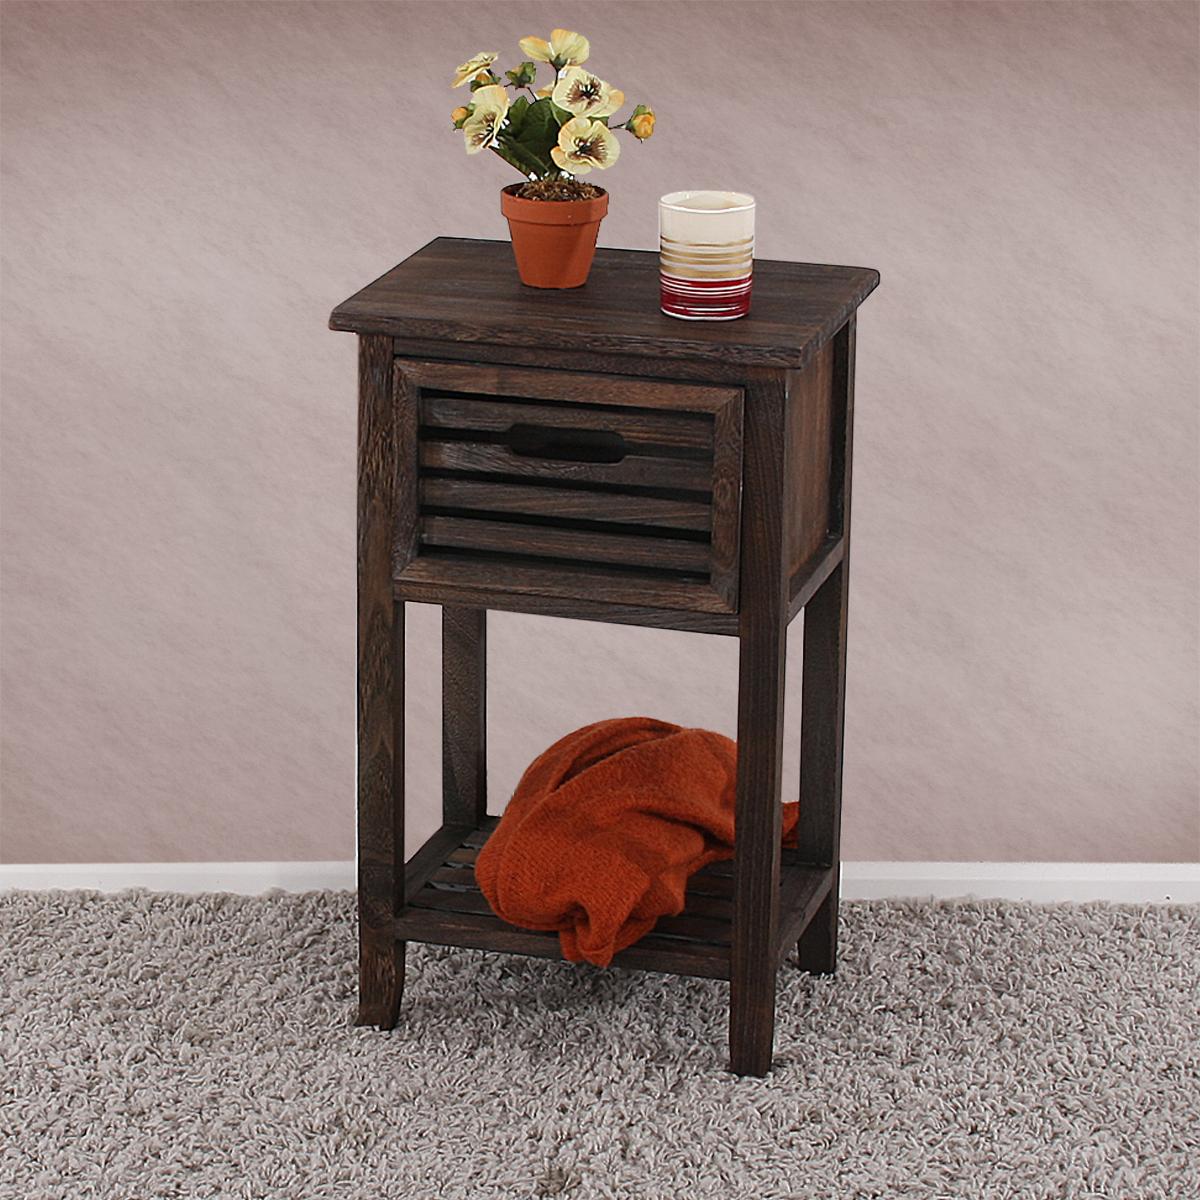 kommode beistelltisch telefontisch 57x35x27cm shabby look vintage wei braun ebay. Black Bedroom Furniture Sets. Home Design Ideas